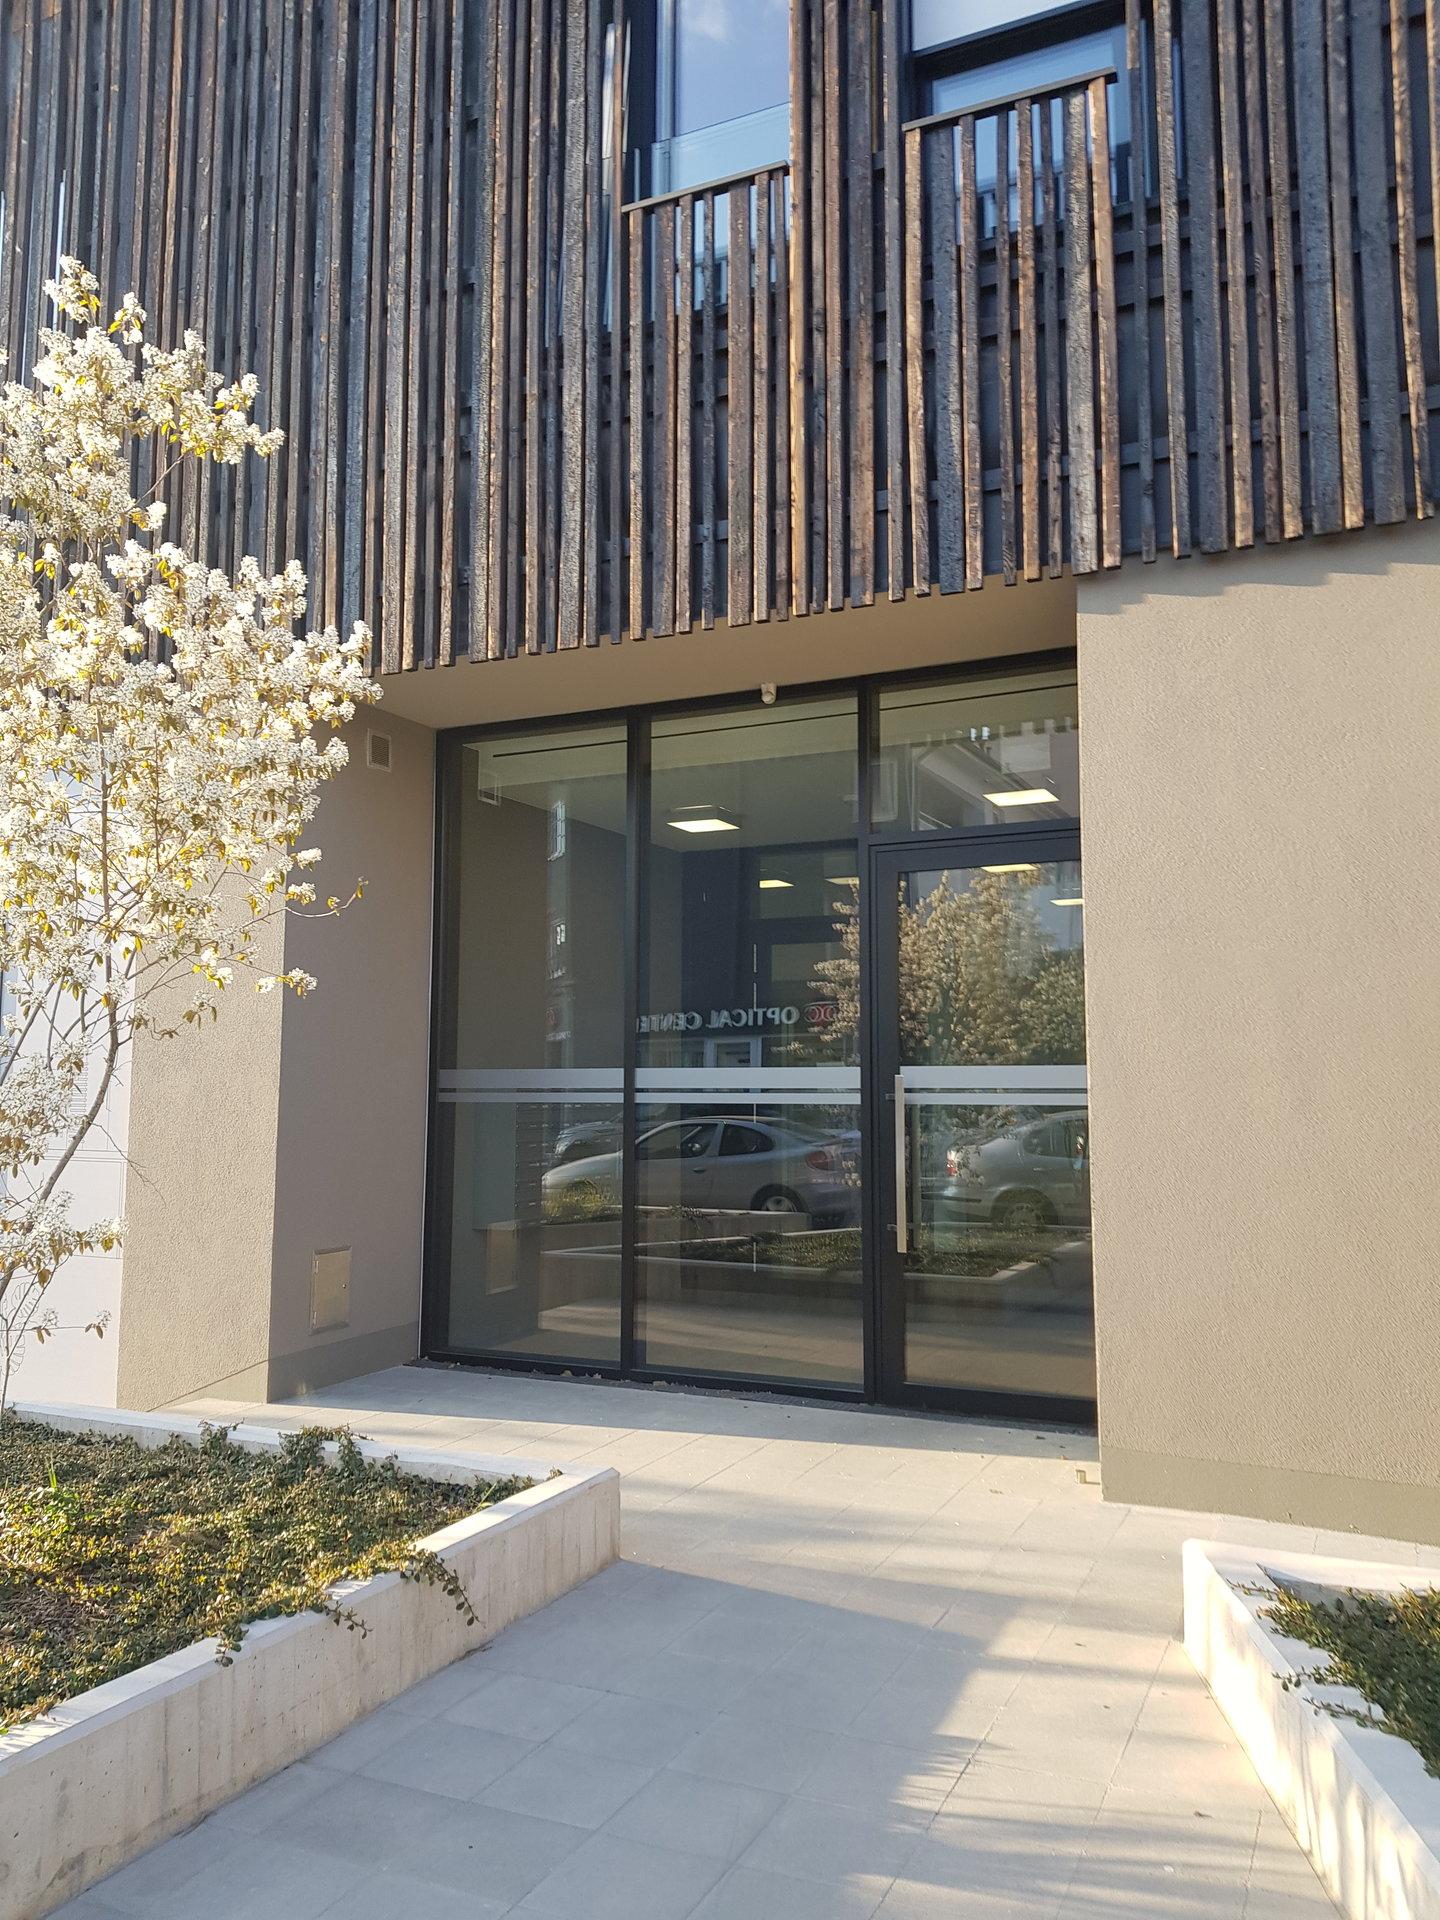 Appartement-Studio entièrement meublé - avec parking - Gasperich